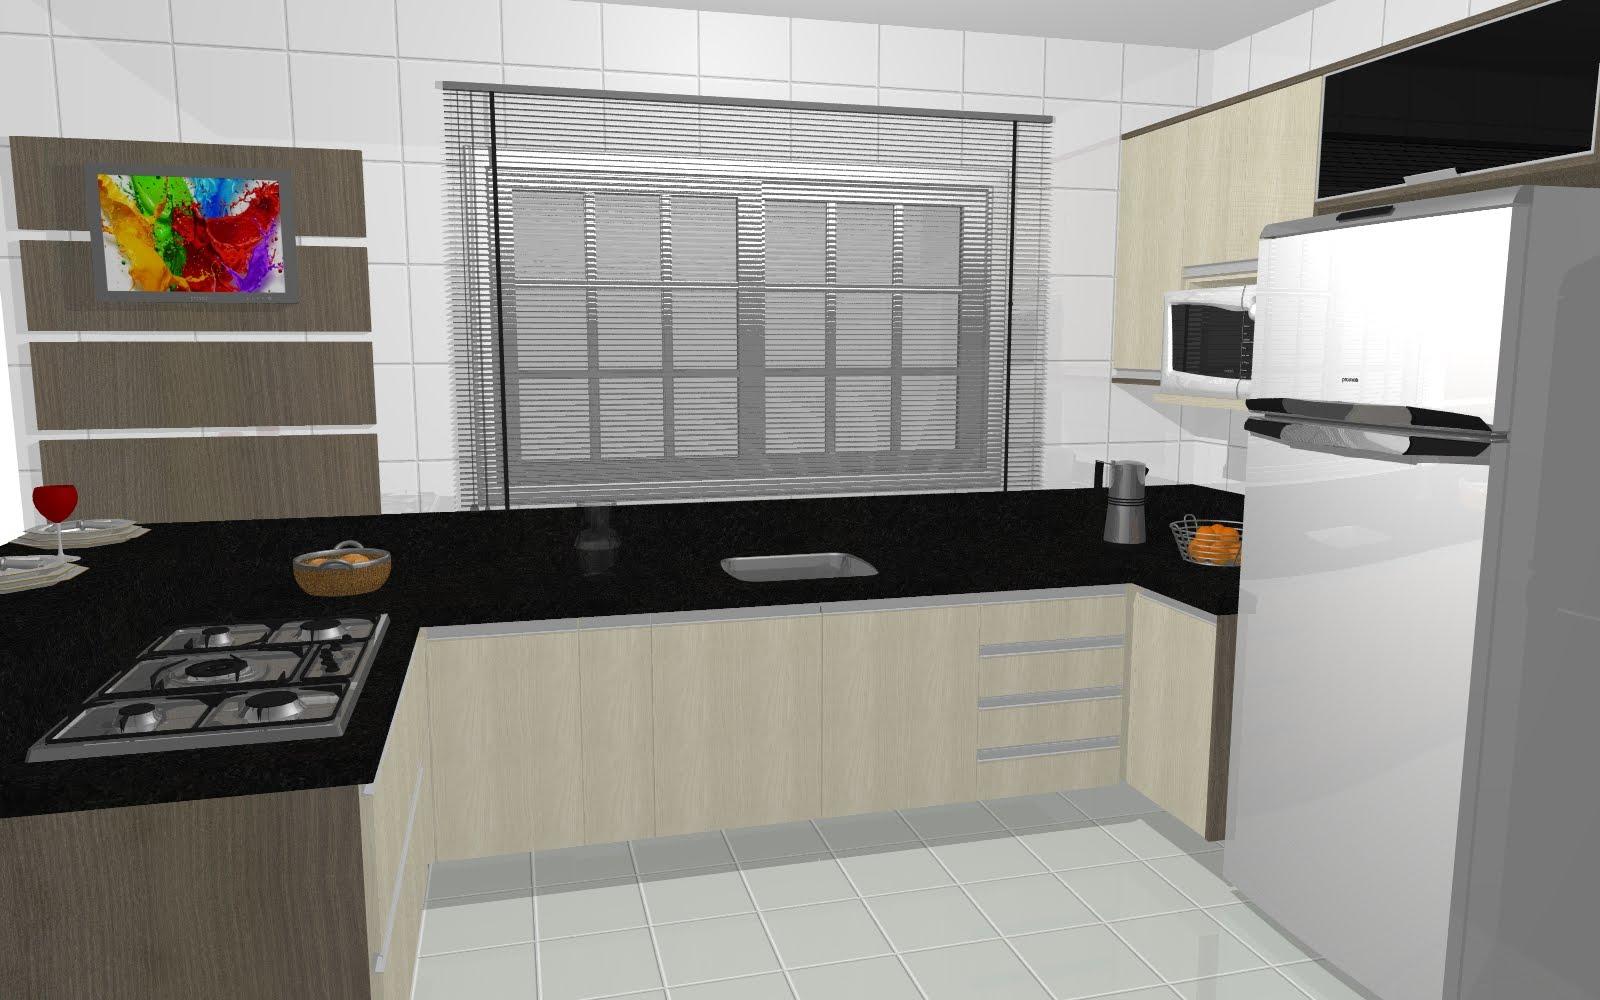 fotos do projeto da cozinha mas ainda tenho q amadurecer a ideia das  #B78110 1600 1000